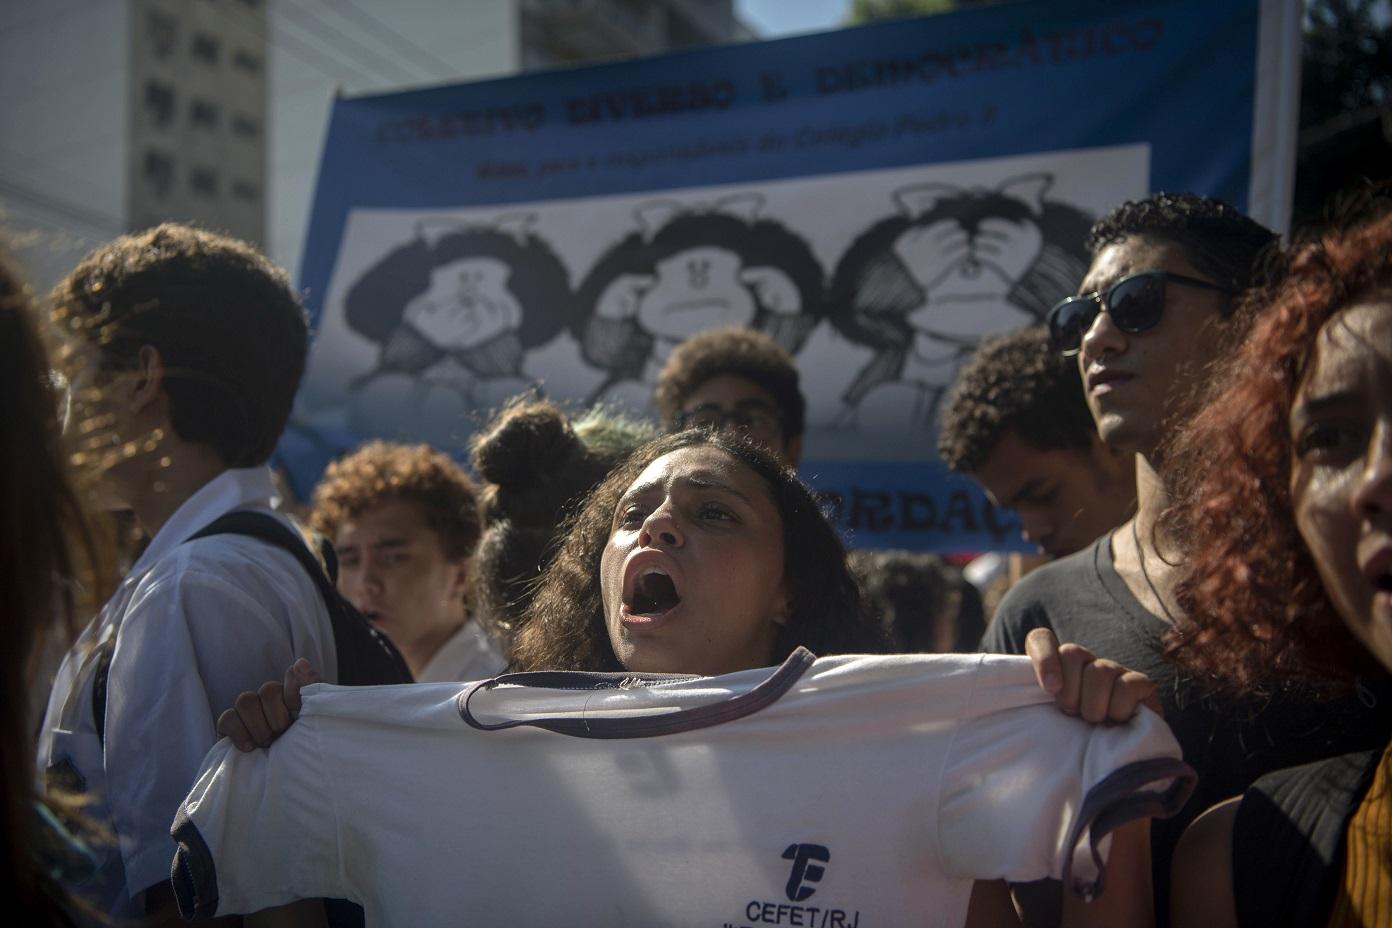 Manifestação deflagrada a partir de grupos do WhatsApp causou constrangimento ao presidente Bolsonaro, que participava de cerimônia comemorativa pelos 130 anos do Colégio Militar. Foo Mauro Pimentel/AFP